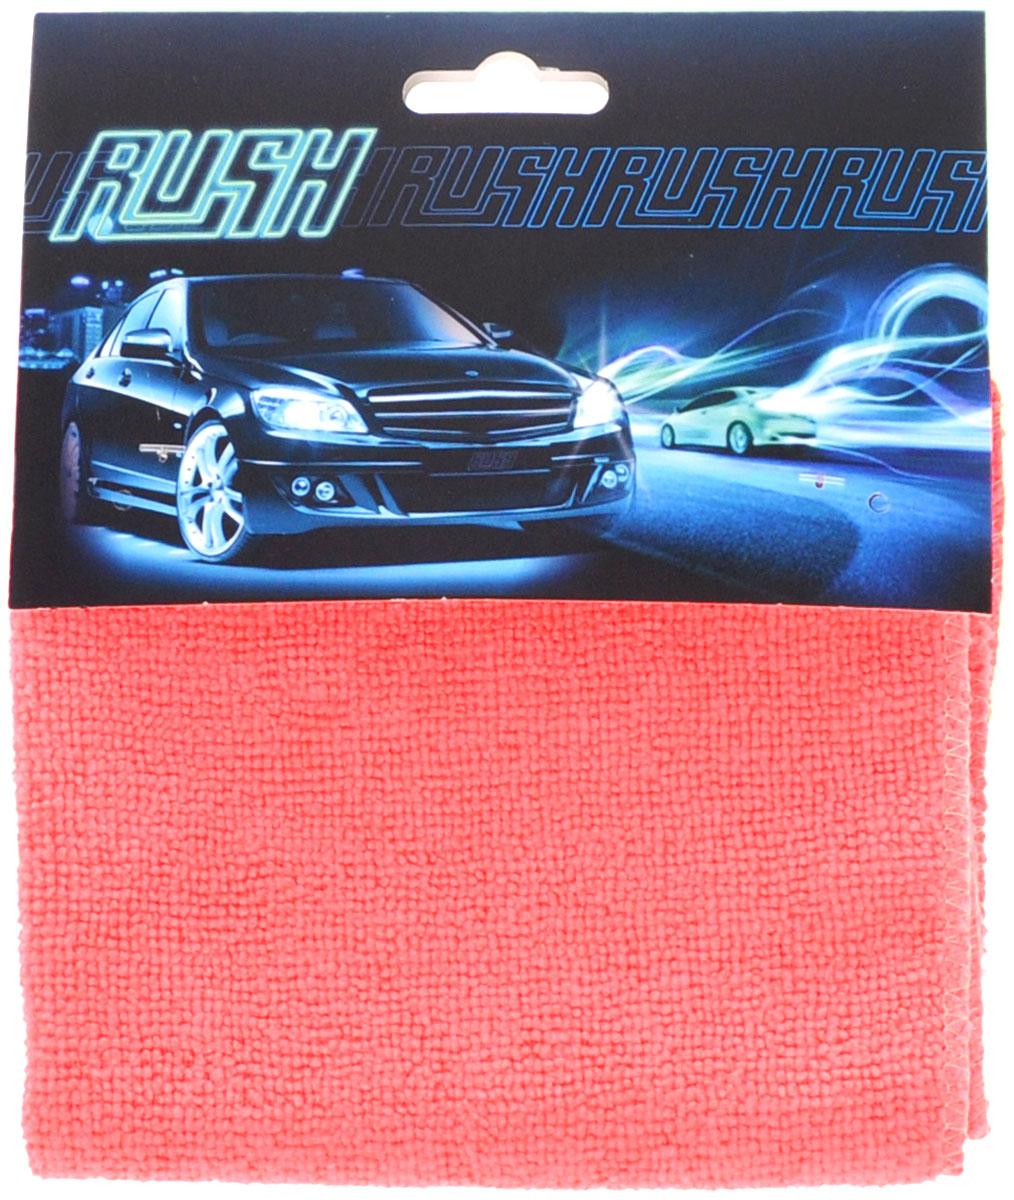 Салфетка автомобильная EvaAuto, универсальная , цвет: розовый, 30 см х 30 смТ08_розовыйУниверсальная автомобильная салфетка EvaAuto, выполненная из микрофибры, идеально подходит для уборки. В сухом виде применяется для вытирания пыли и легких загрязнений, во влажном - для удаления загрязнений с любых поверхностей без применения моющих средств. Не оставляет разводов и ворсинок, полностью впитывает влагу. Сохраняет эффект даже после многократных стирок. Размер салфетки: 30 х 30 см.